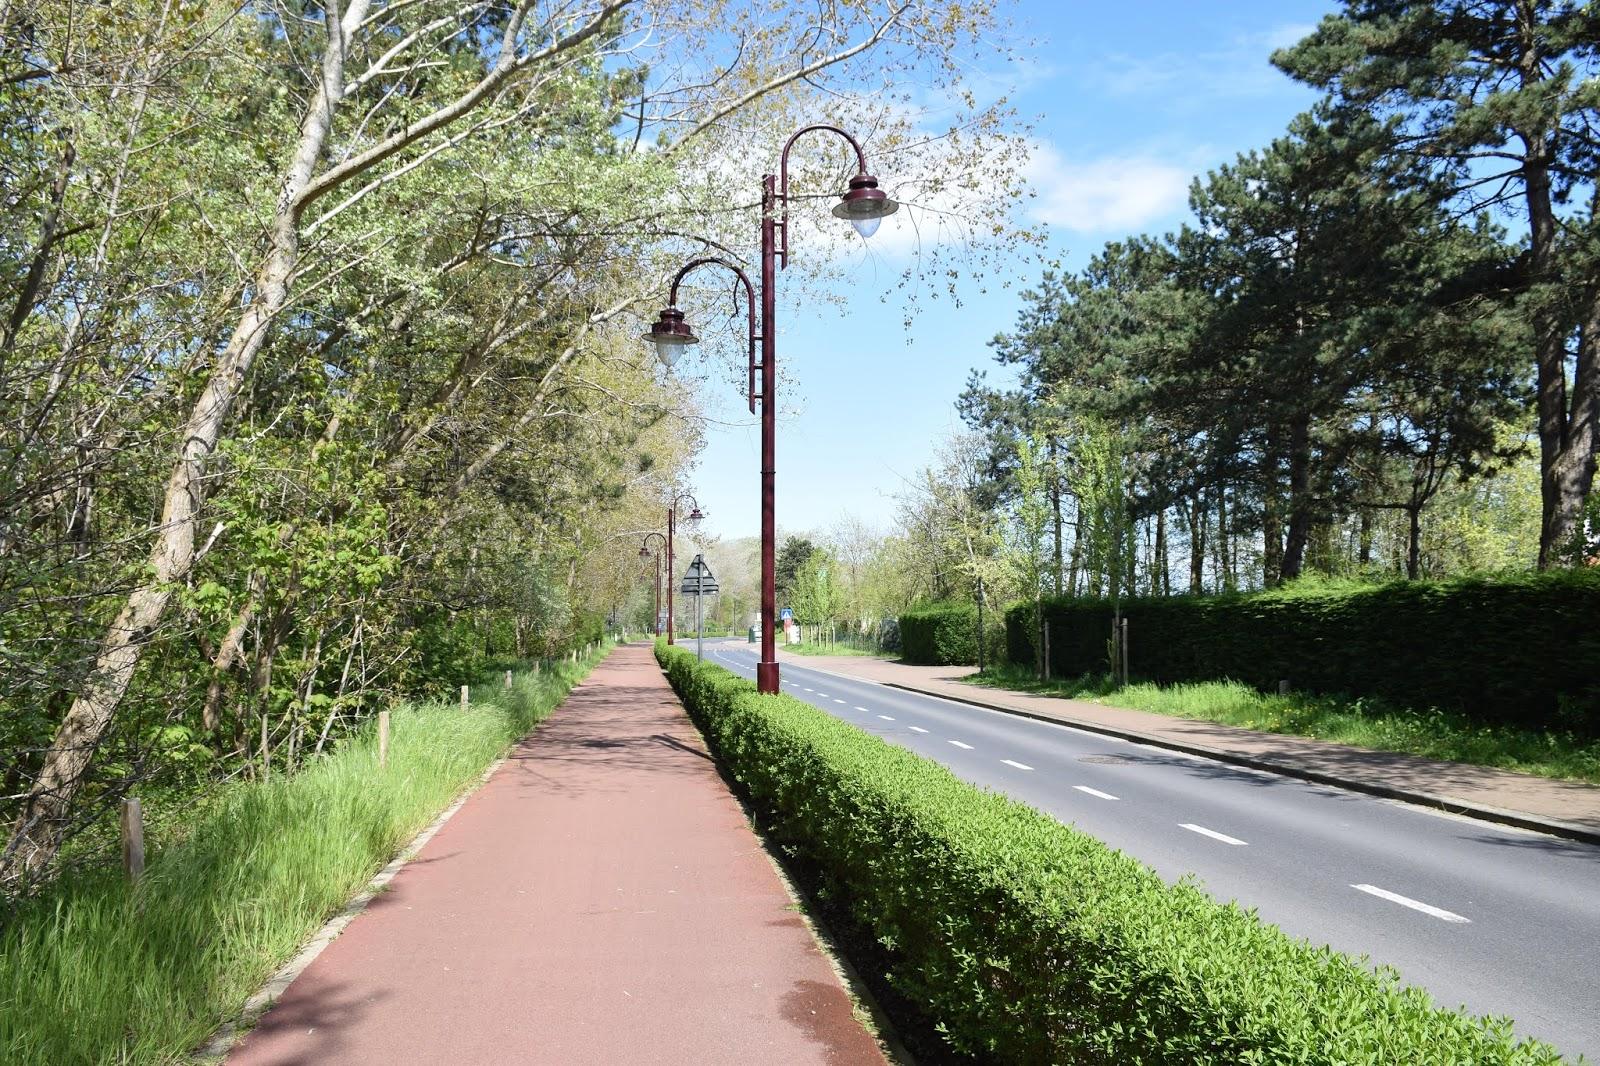 DeHaan, Belgium